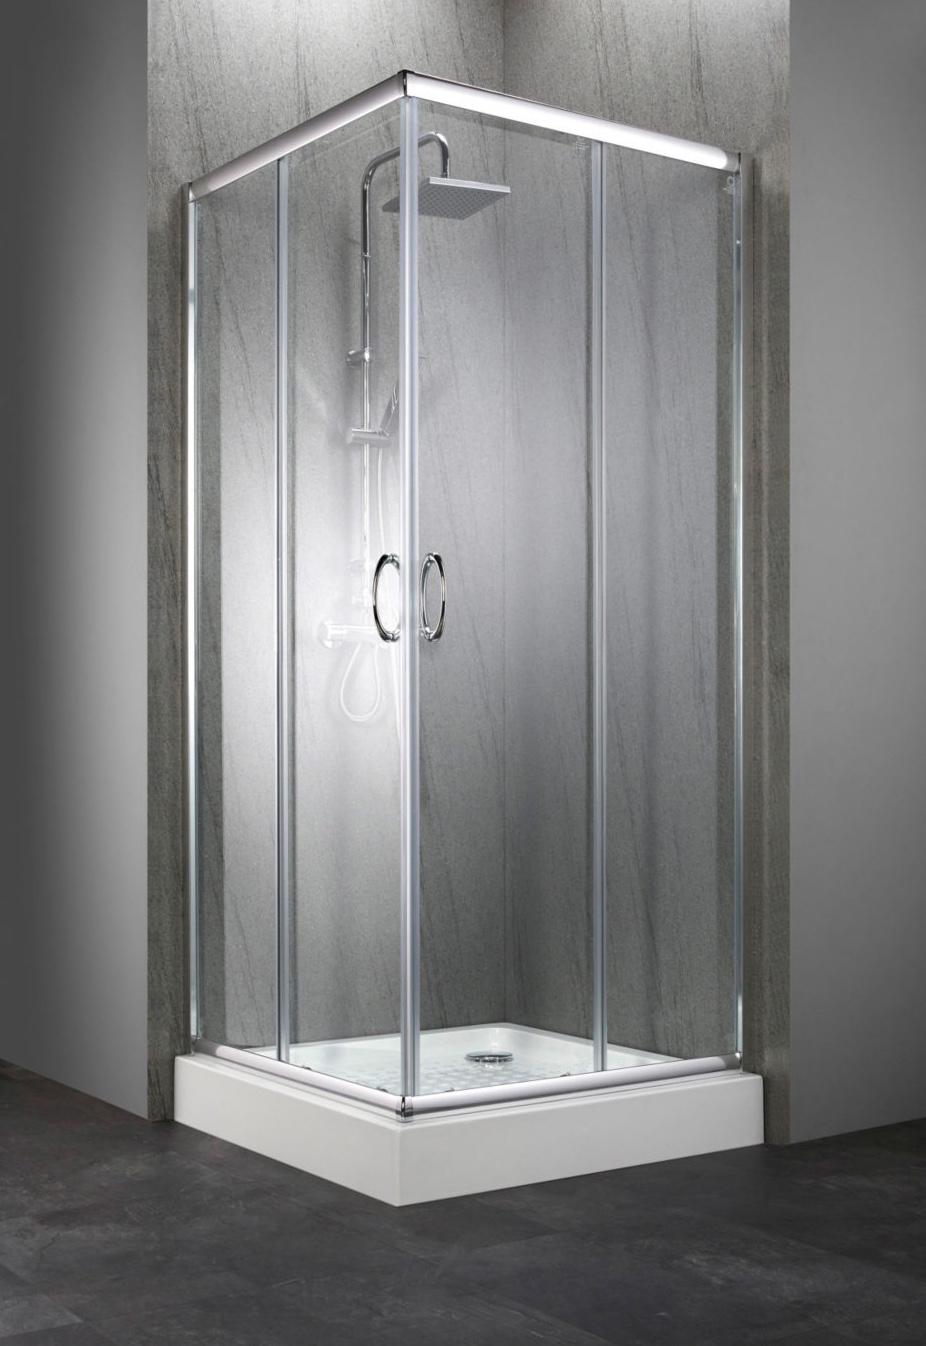 eckdusche dusche duschwanne t r 90x90 metallgriff 7240135 ebay. Black Bedroom Furniture Sets. Home Design Ideas